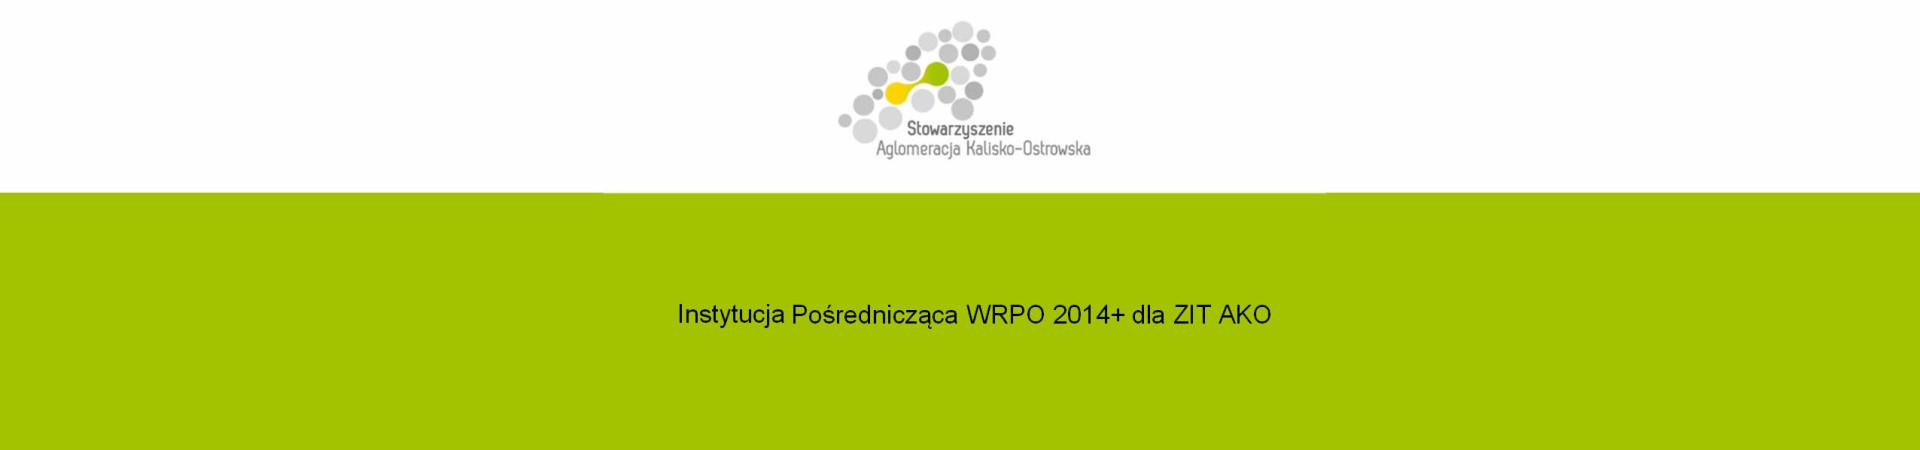 Instytucja Pośrednicząca WRPO 2014+ dla ZIT AKO